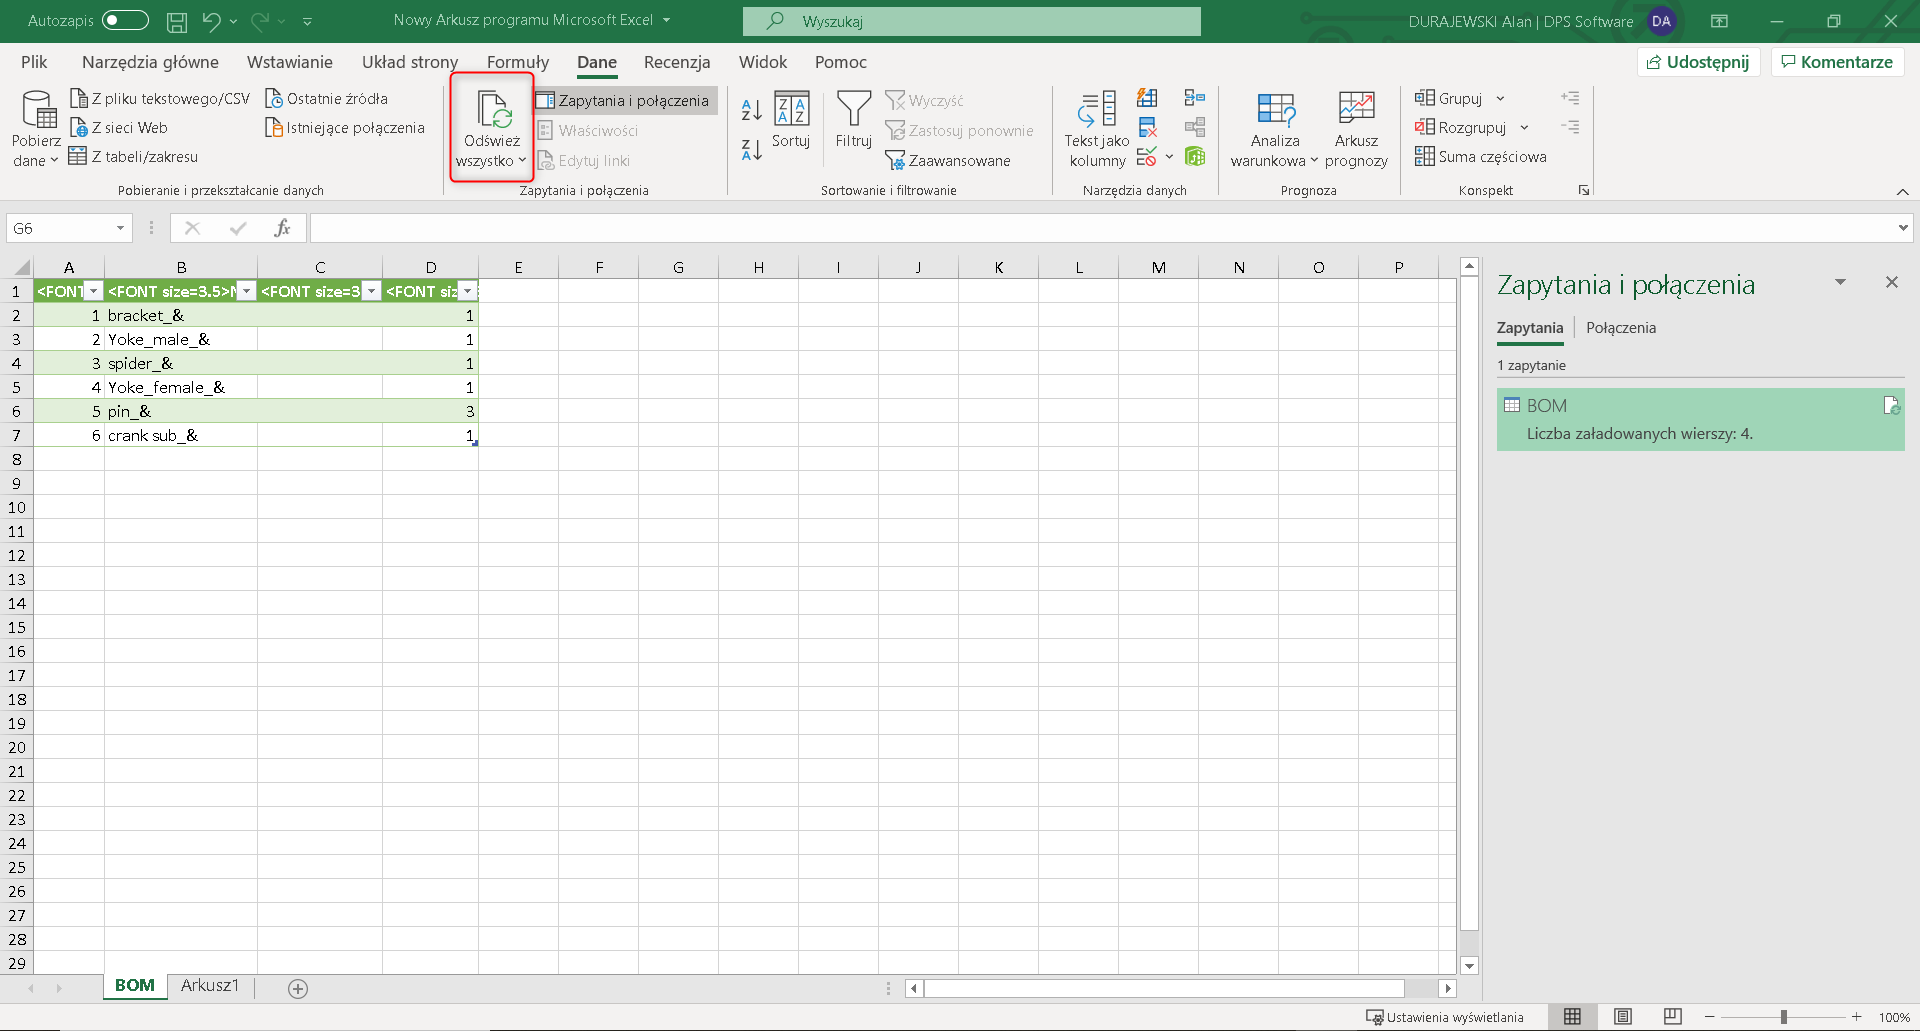 Po przejściu do arkusza kalkulacyjnego wybieram odświeżanie danych